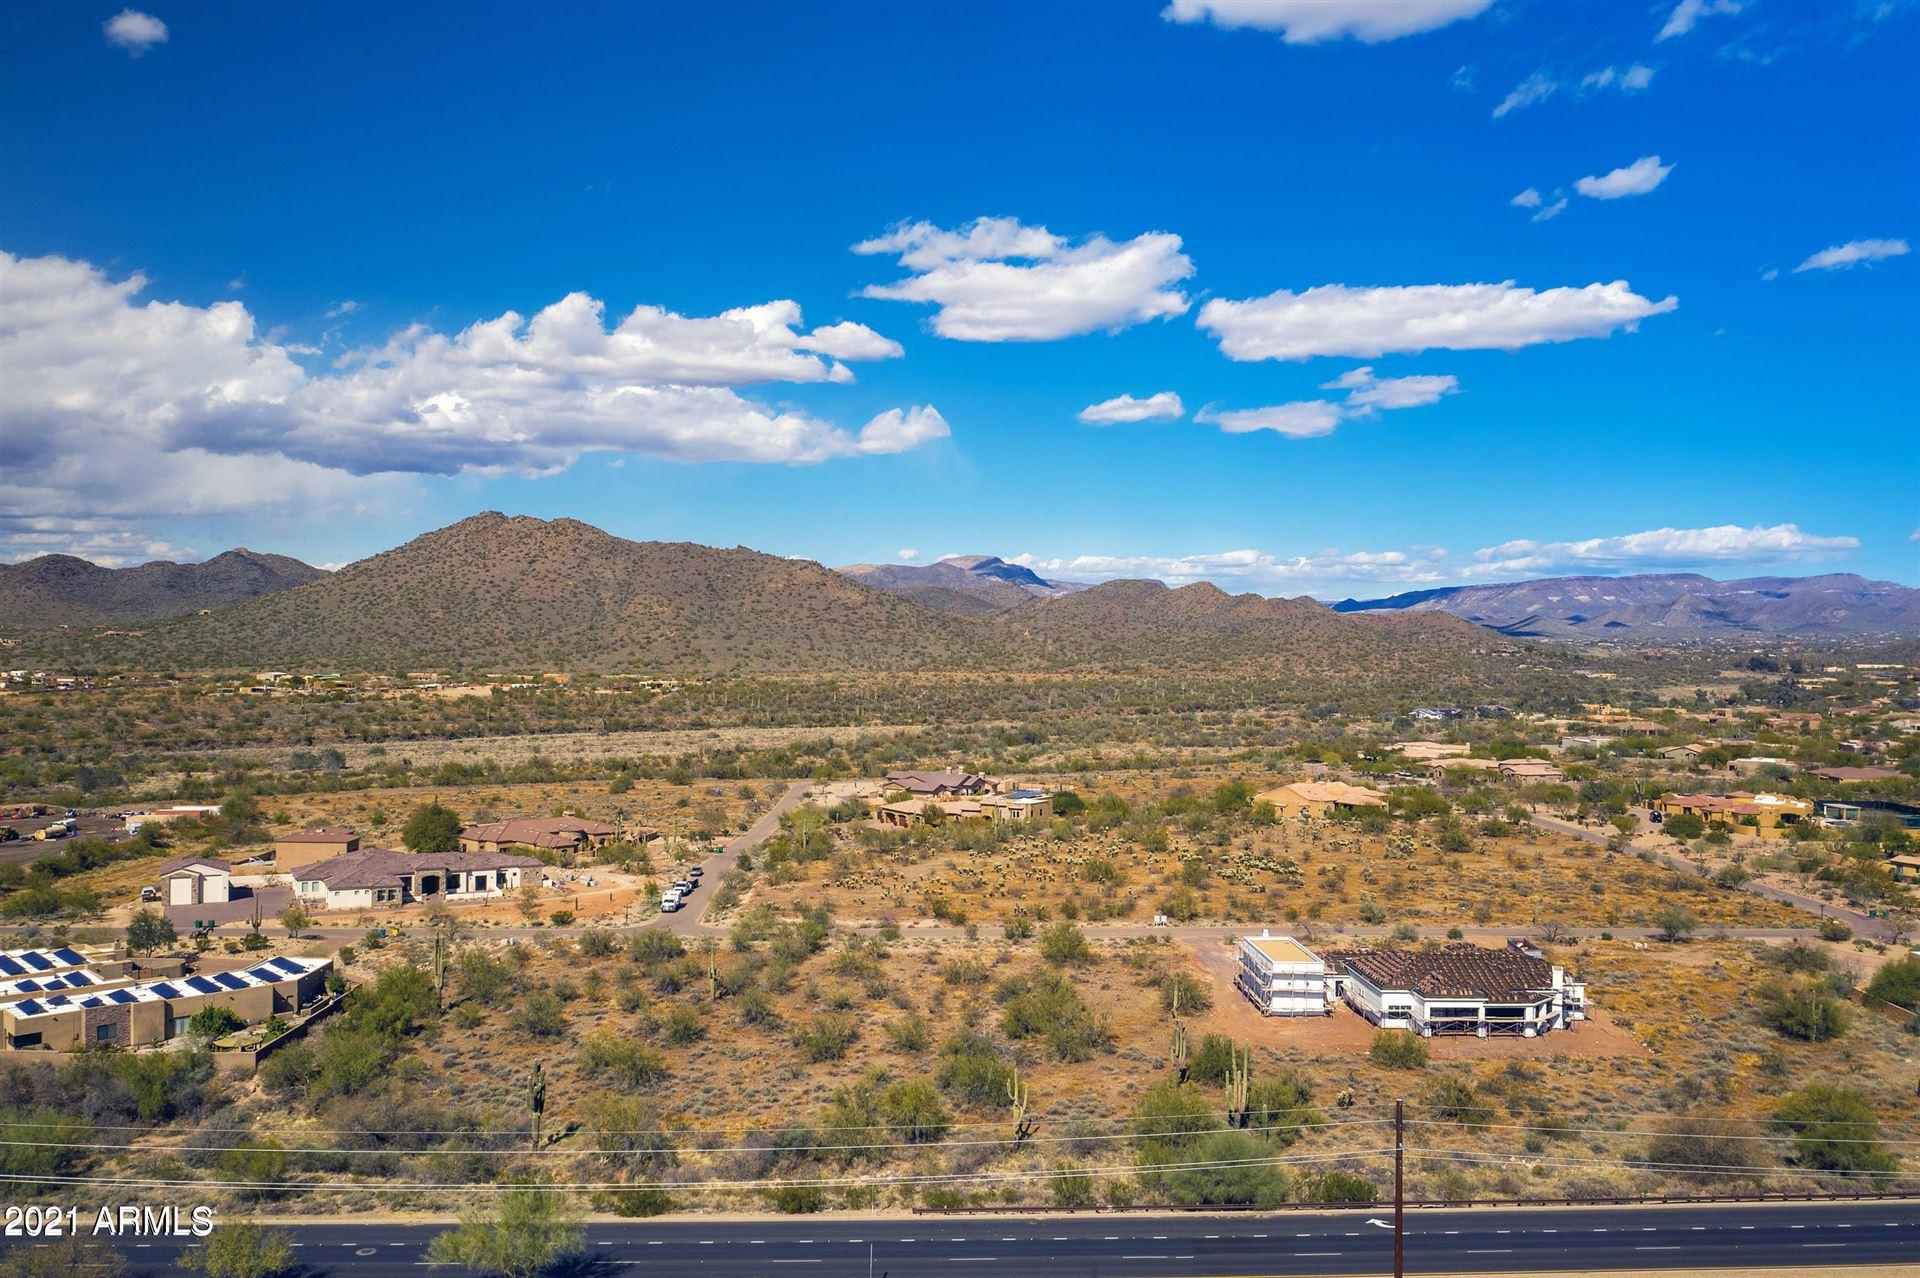 Photo of 4415 E QUAIL BRUSH Road, Cave Creek, AZ 85331 (MLS # 6305594)